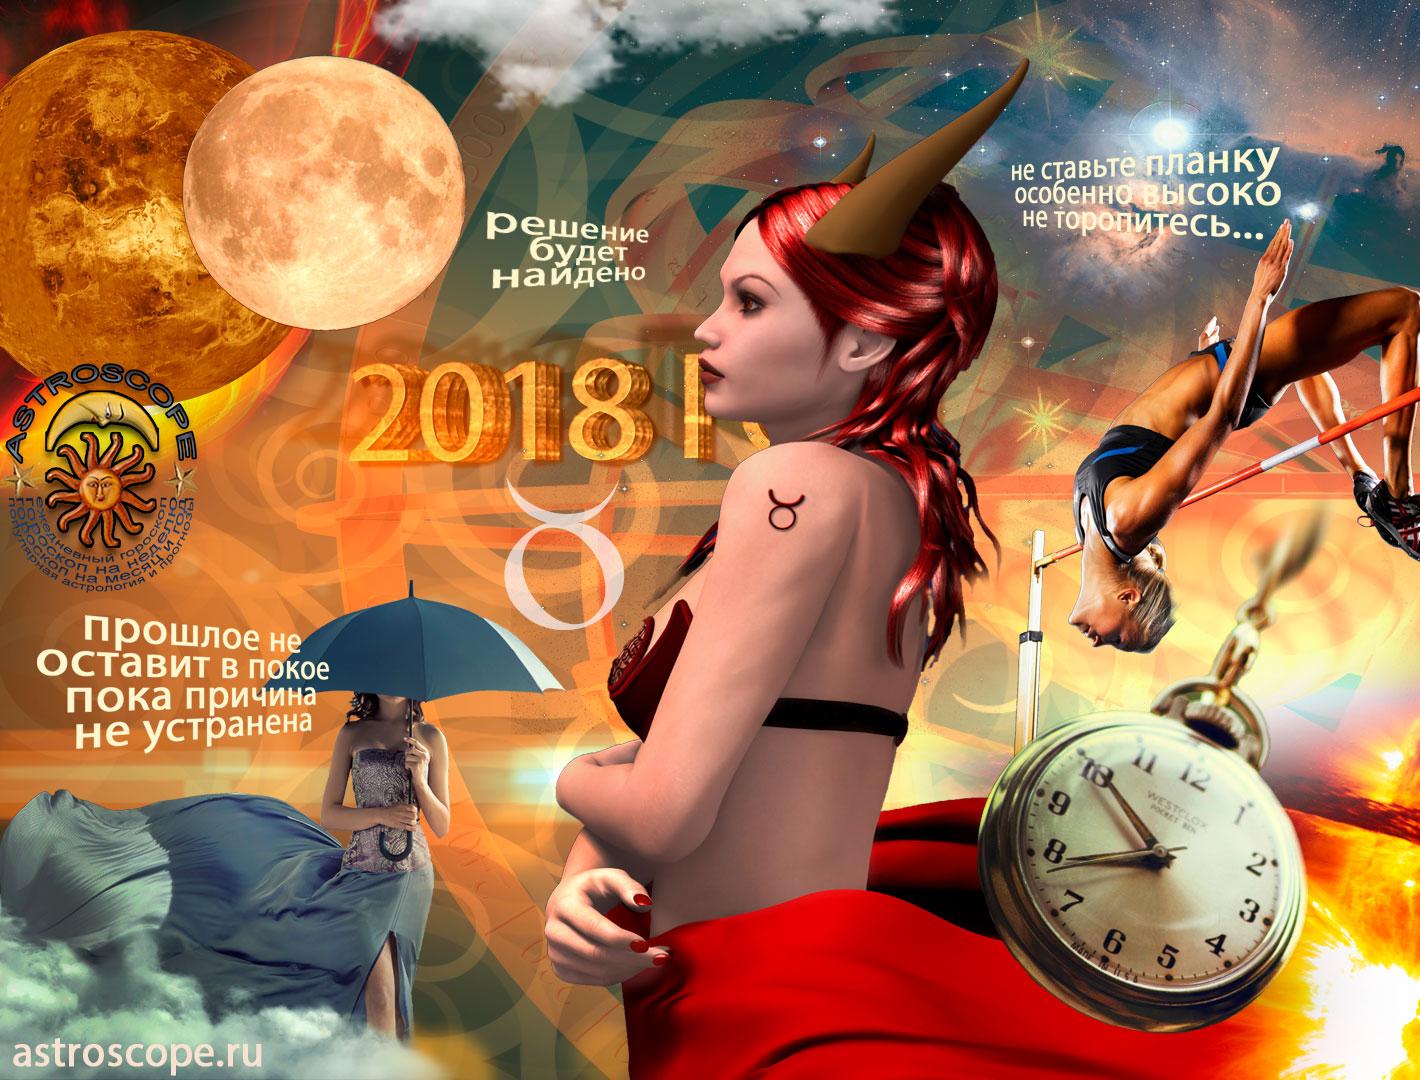 Гороскоп на 2020 Телец, что ждёт Тельцов в 2020 году